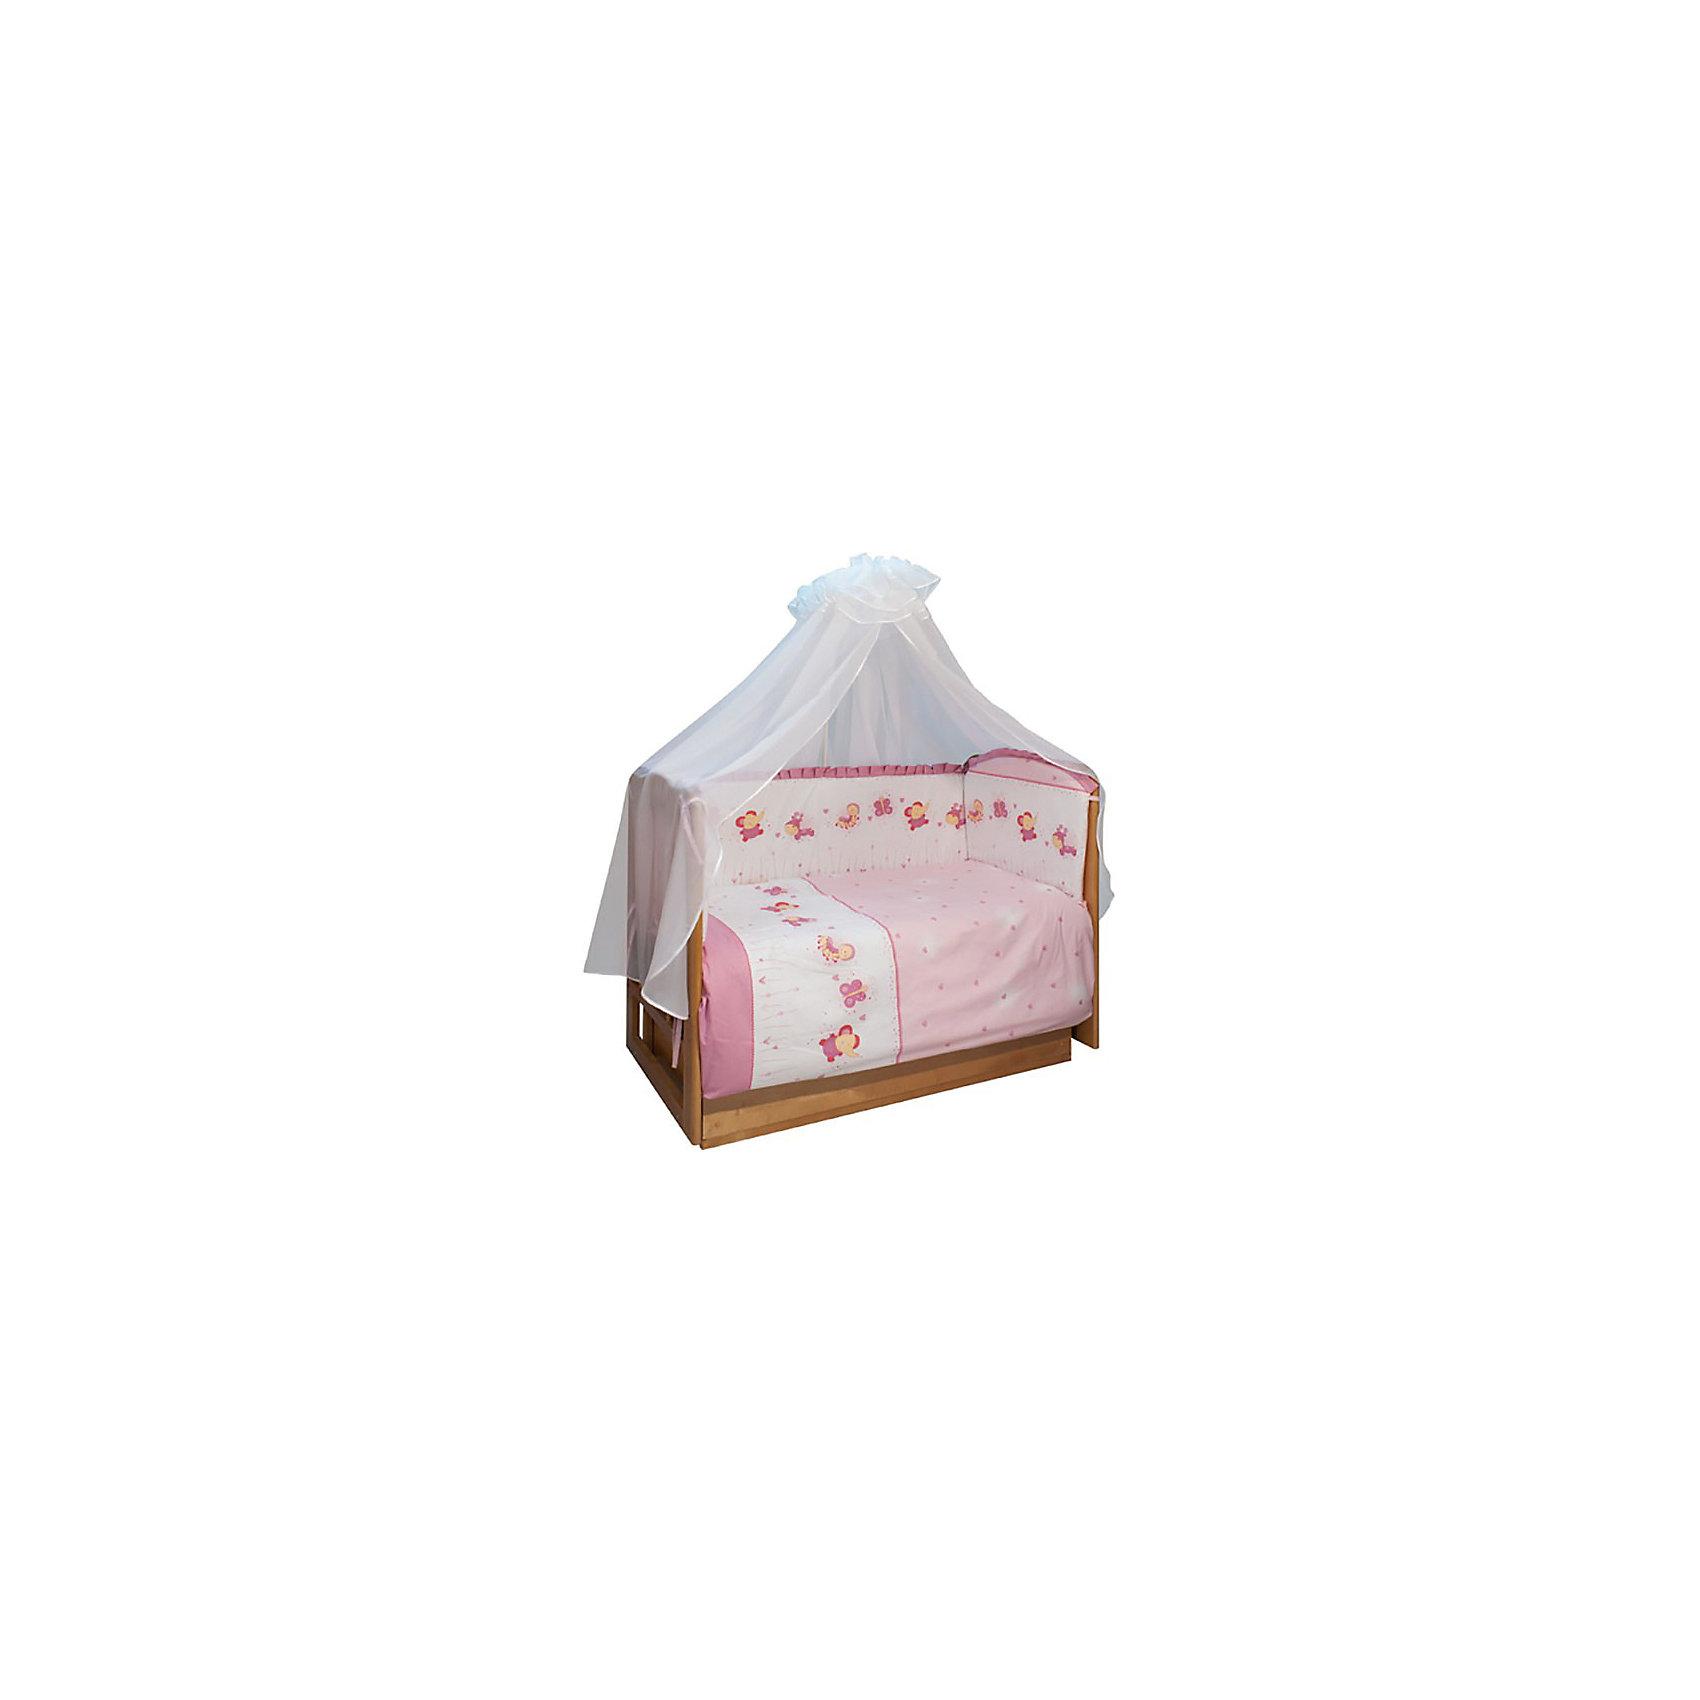 Бортик в кроватку Ласковое лето, Soni kids, розовыйПостельное бельё<br>Очень красивый и невероятно нежный бортик на кроватку.<br>Пусть Ваш малыш спит в удобстве и безопасности!<br><br>Дополнительная информация:<br><br>- Размер бортика: 360х44 см.<br>- Материал: верх: поплин.<br>- Наполнитель: антиаллергенный холлофайбер.<br>- Цвет: розовый.<br>- Размер упаковки: 10х60х43 см.<br>- Вес в упаковке: 600 г.<br><br>Купить бортик на кроватку Ласковое лето от Soni kids в розовом цвете, можно в нашем магазине.<br><br>Ширина мм: 100<br>Глубина мм: 600<br>Высота мм: 430<br>Вес г: 600<br>Возраст от месяцев: 0<br>Возраст до месяцев: 36<br>Пол: Женский<br>Возраст: Детский<br>SKU: 4905953